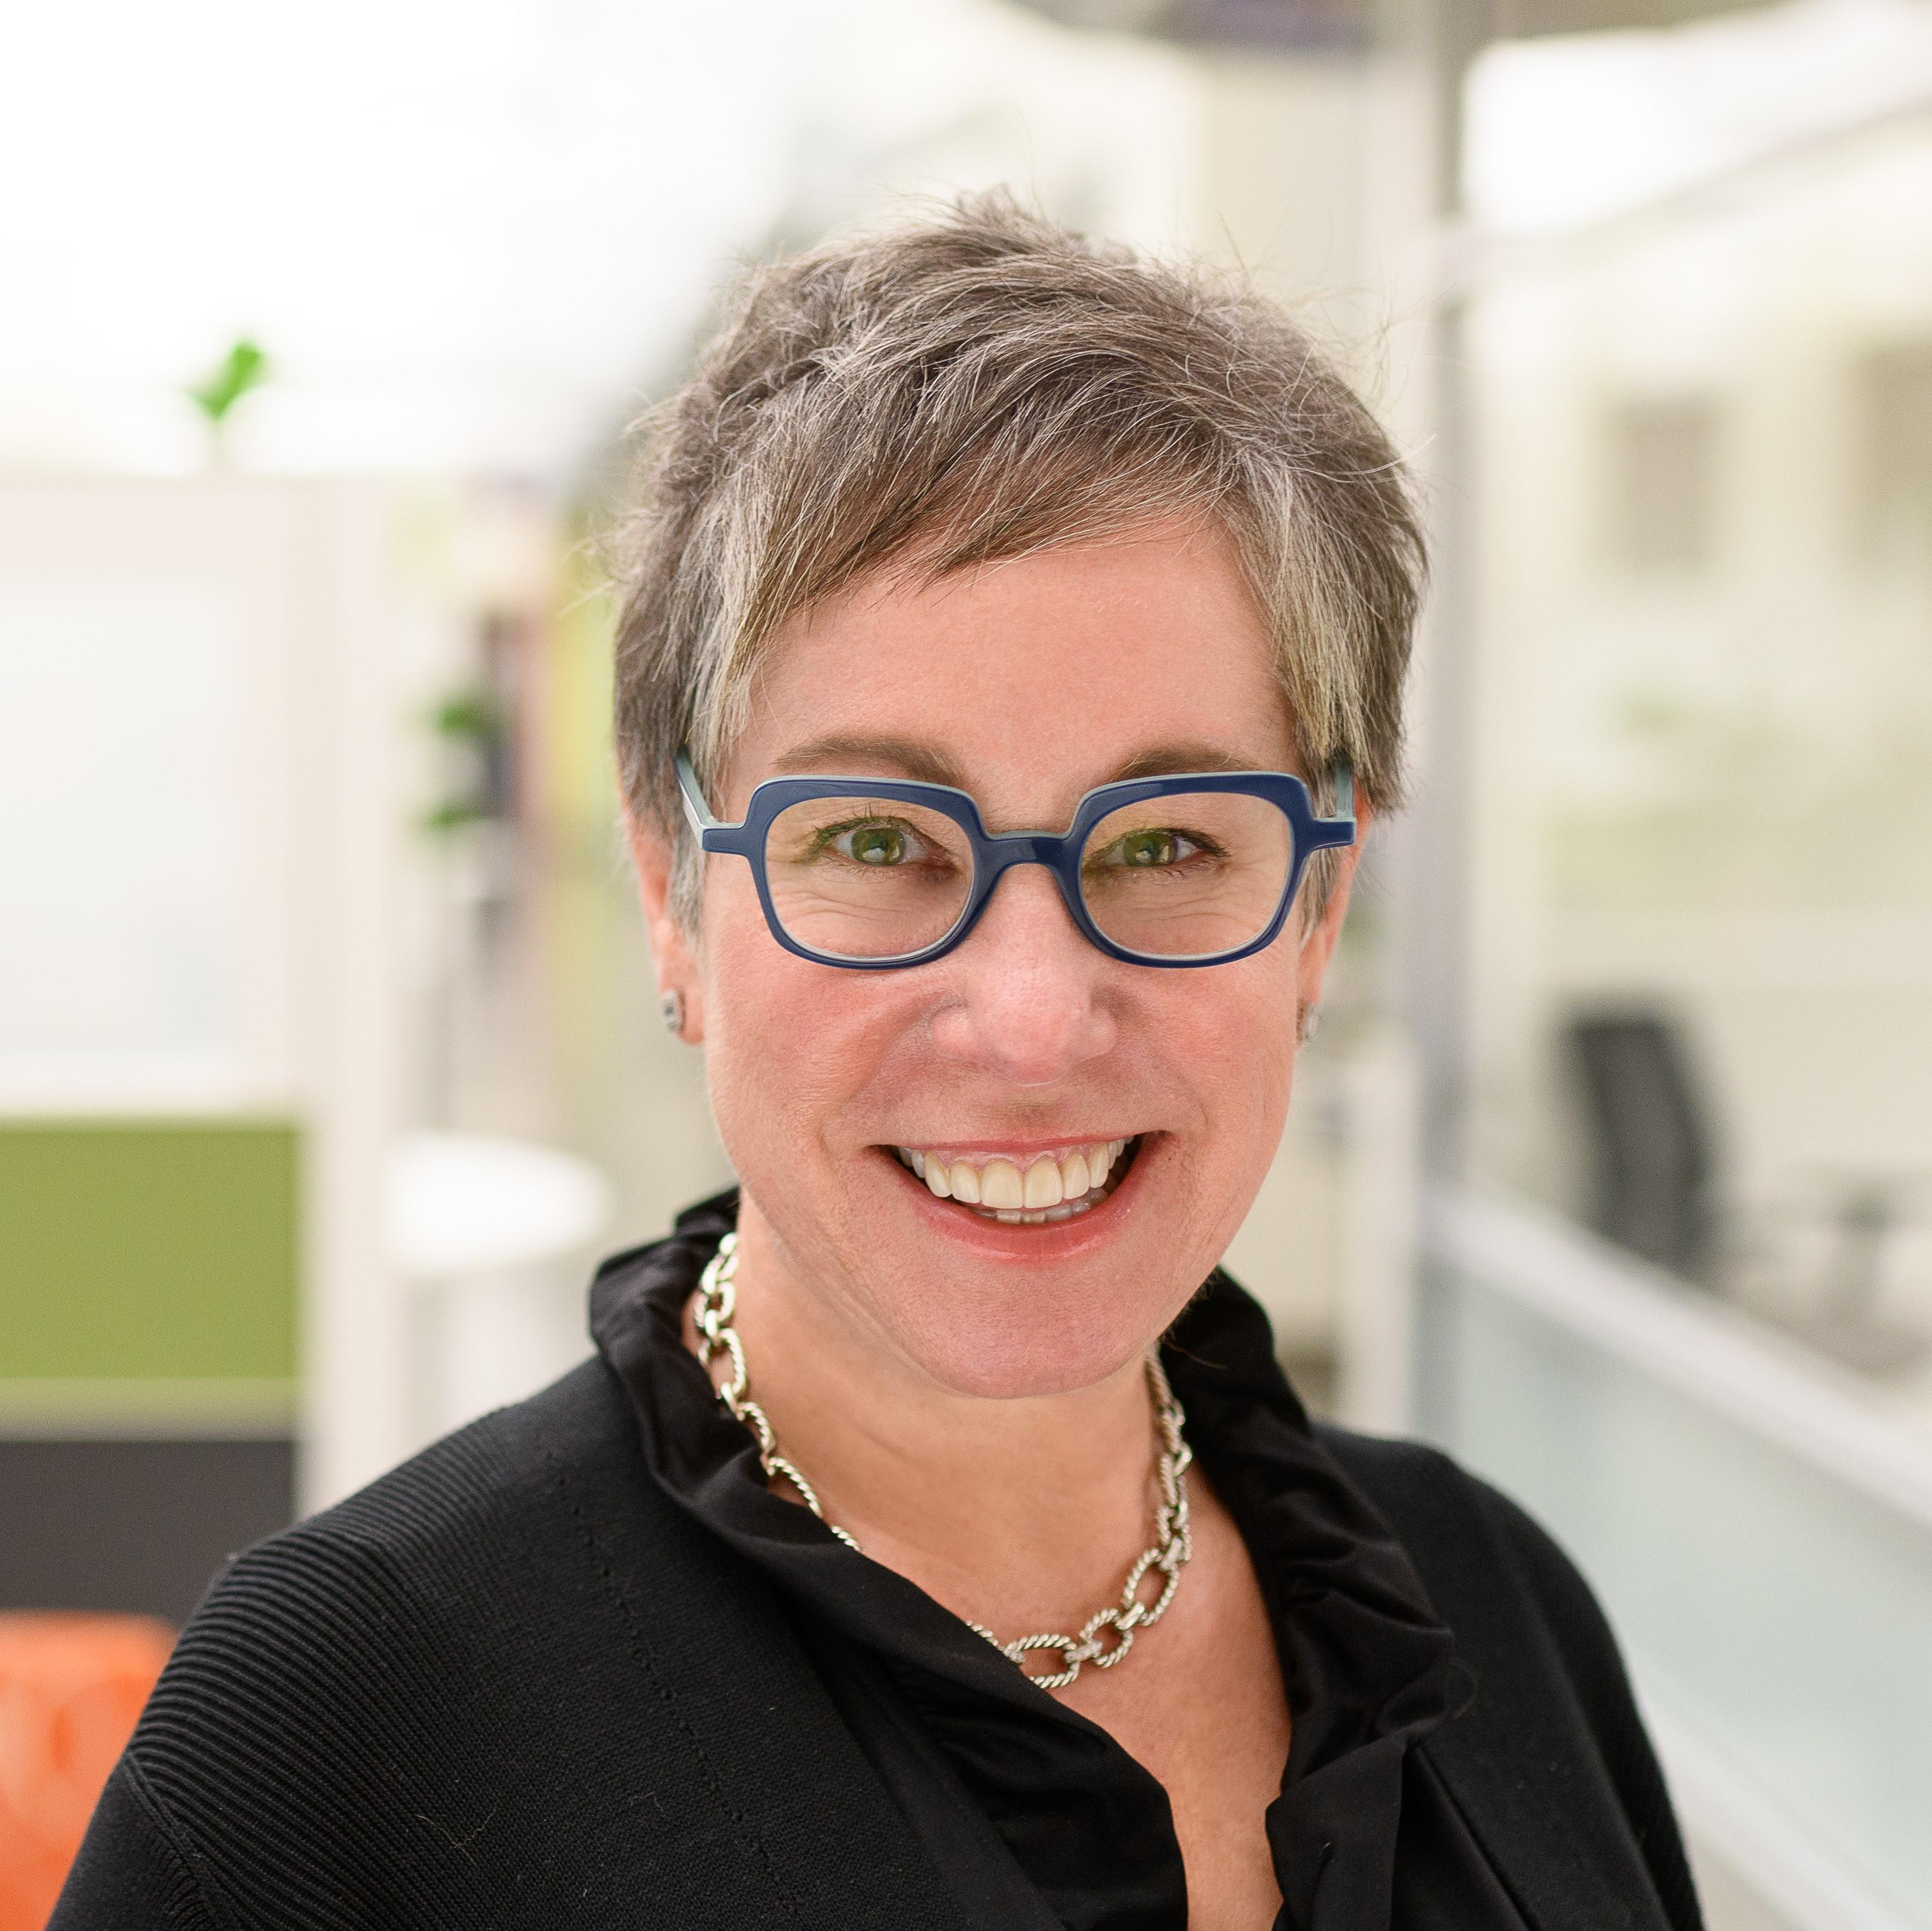 Lisa Adkins